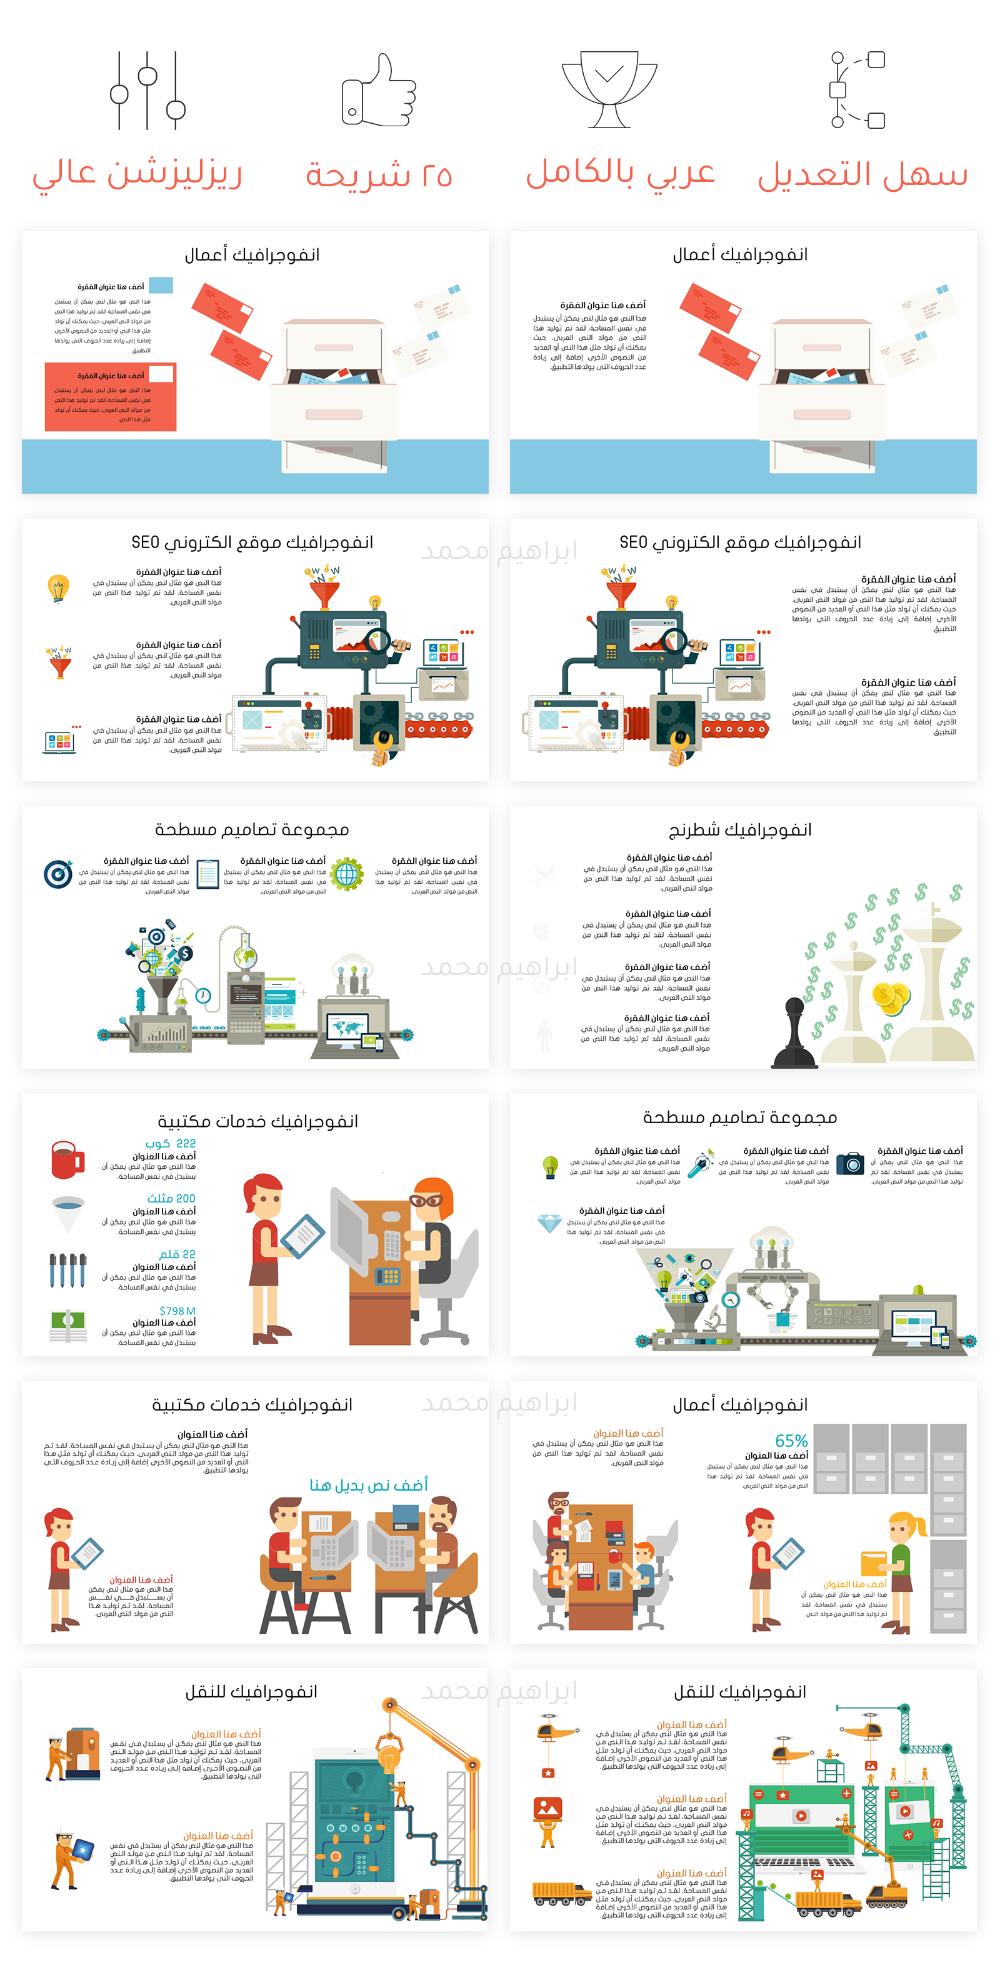 انفوجرافيك بوربوينت باللغة العربية مستقل Mind Map Design Business Powerpoint Templates Mind Map